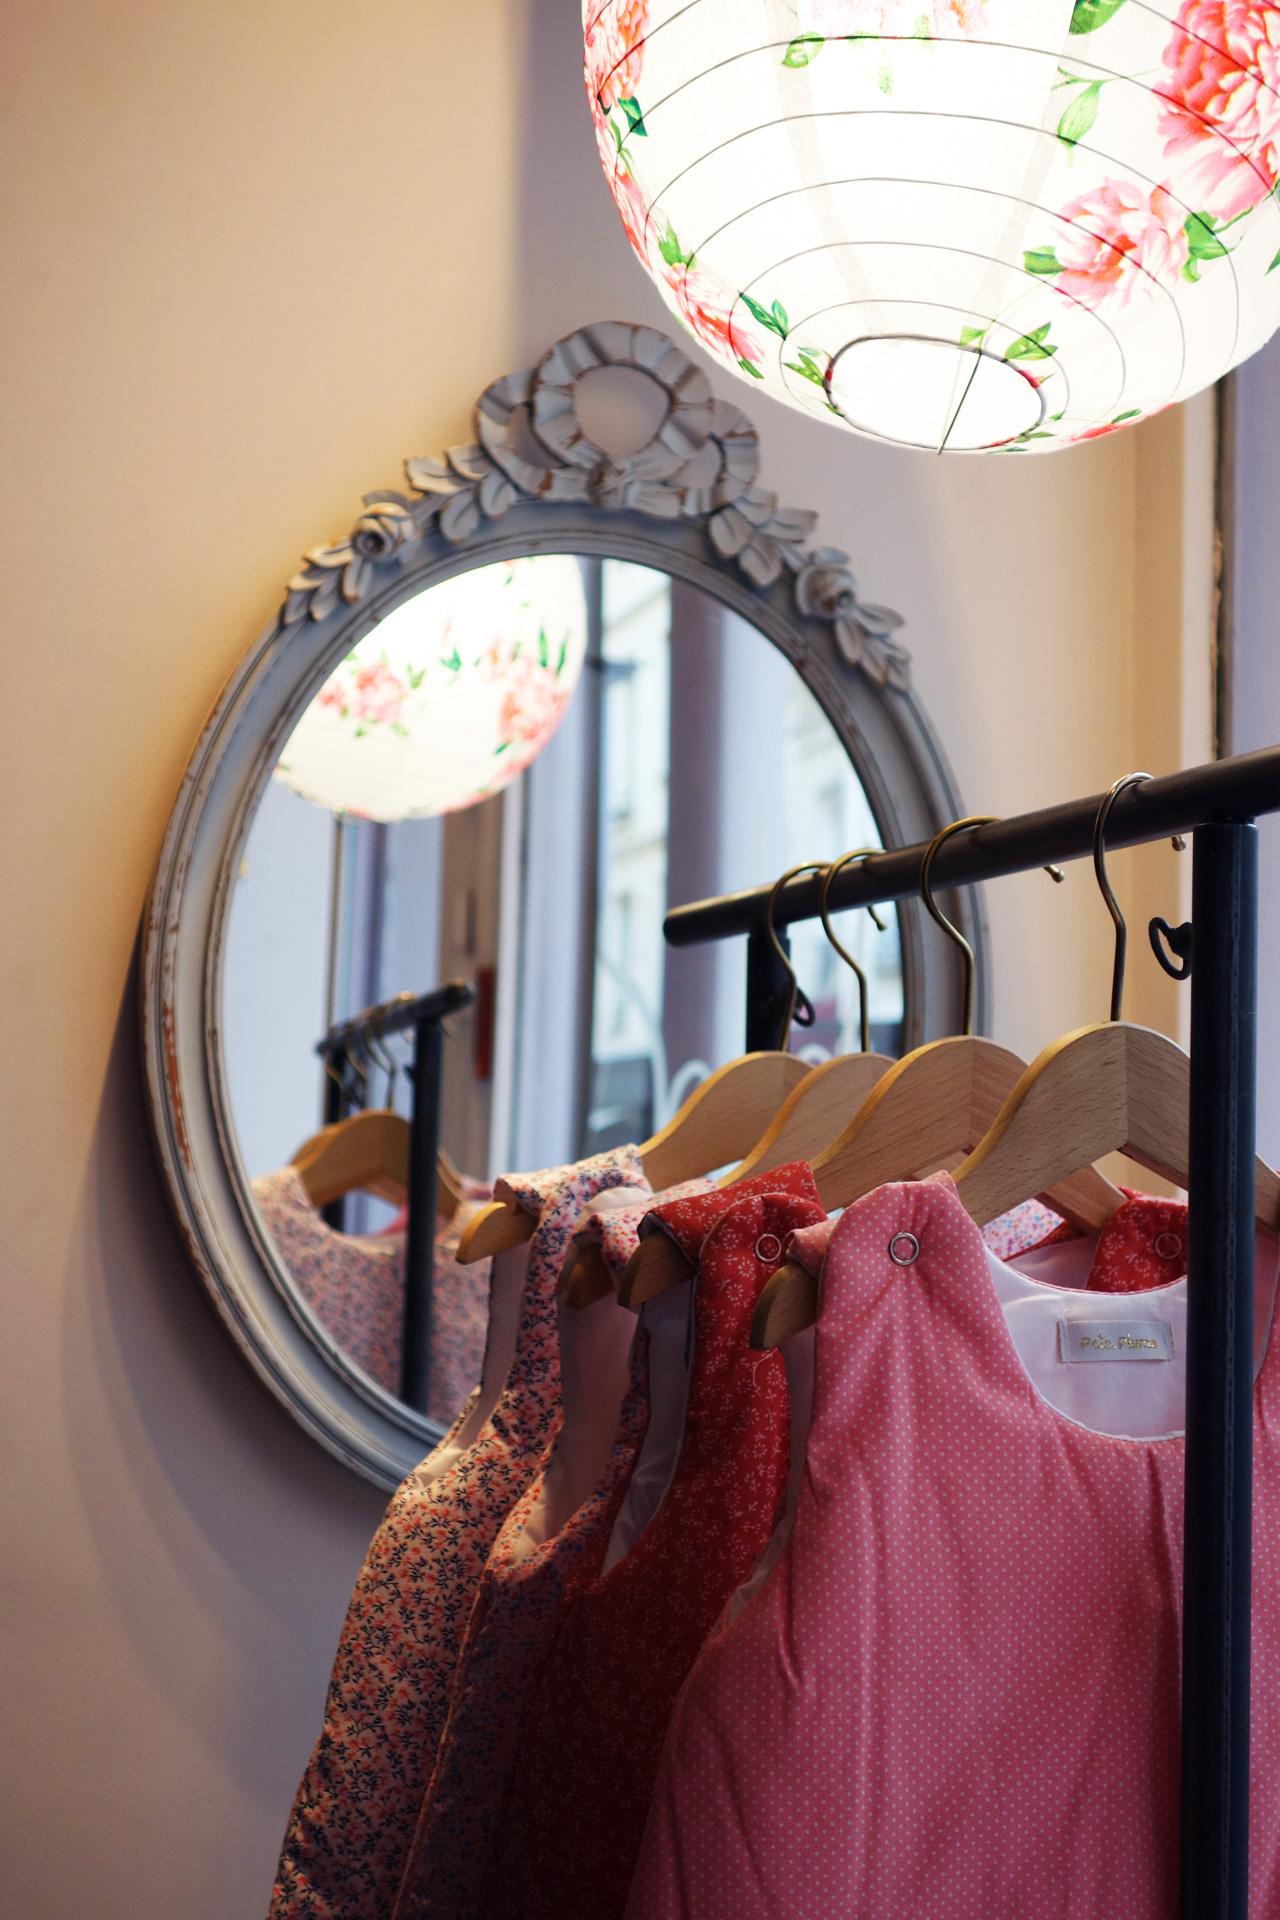 Pois-plume-boutique-detail-09